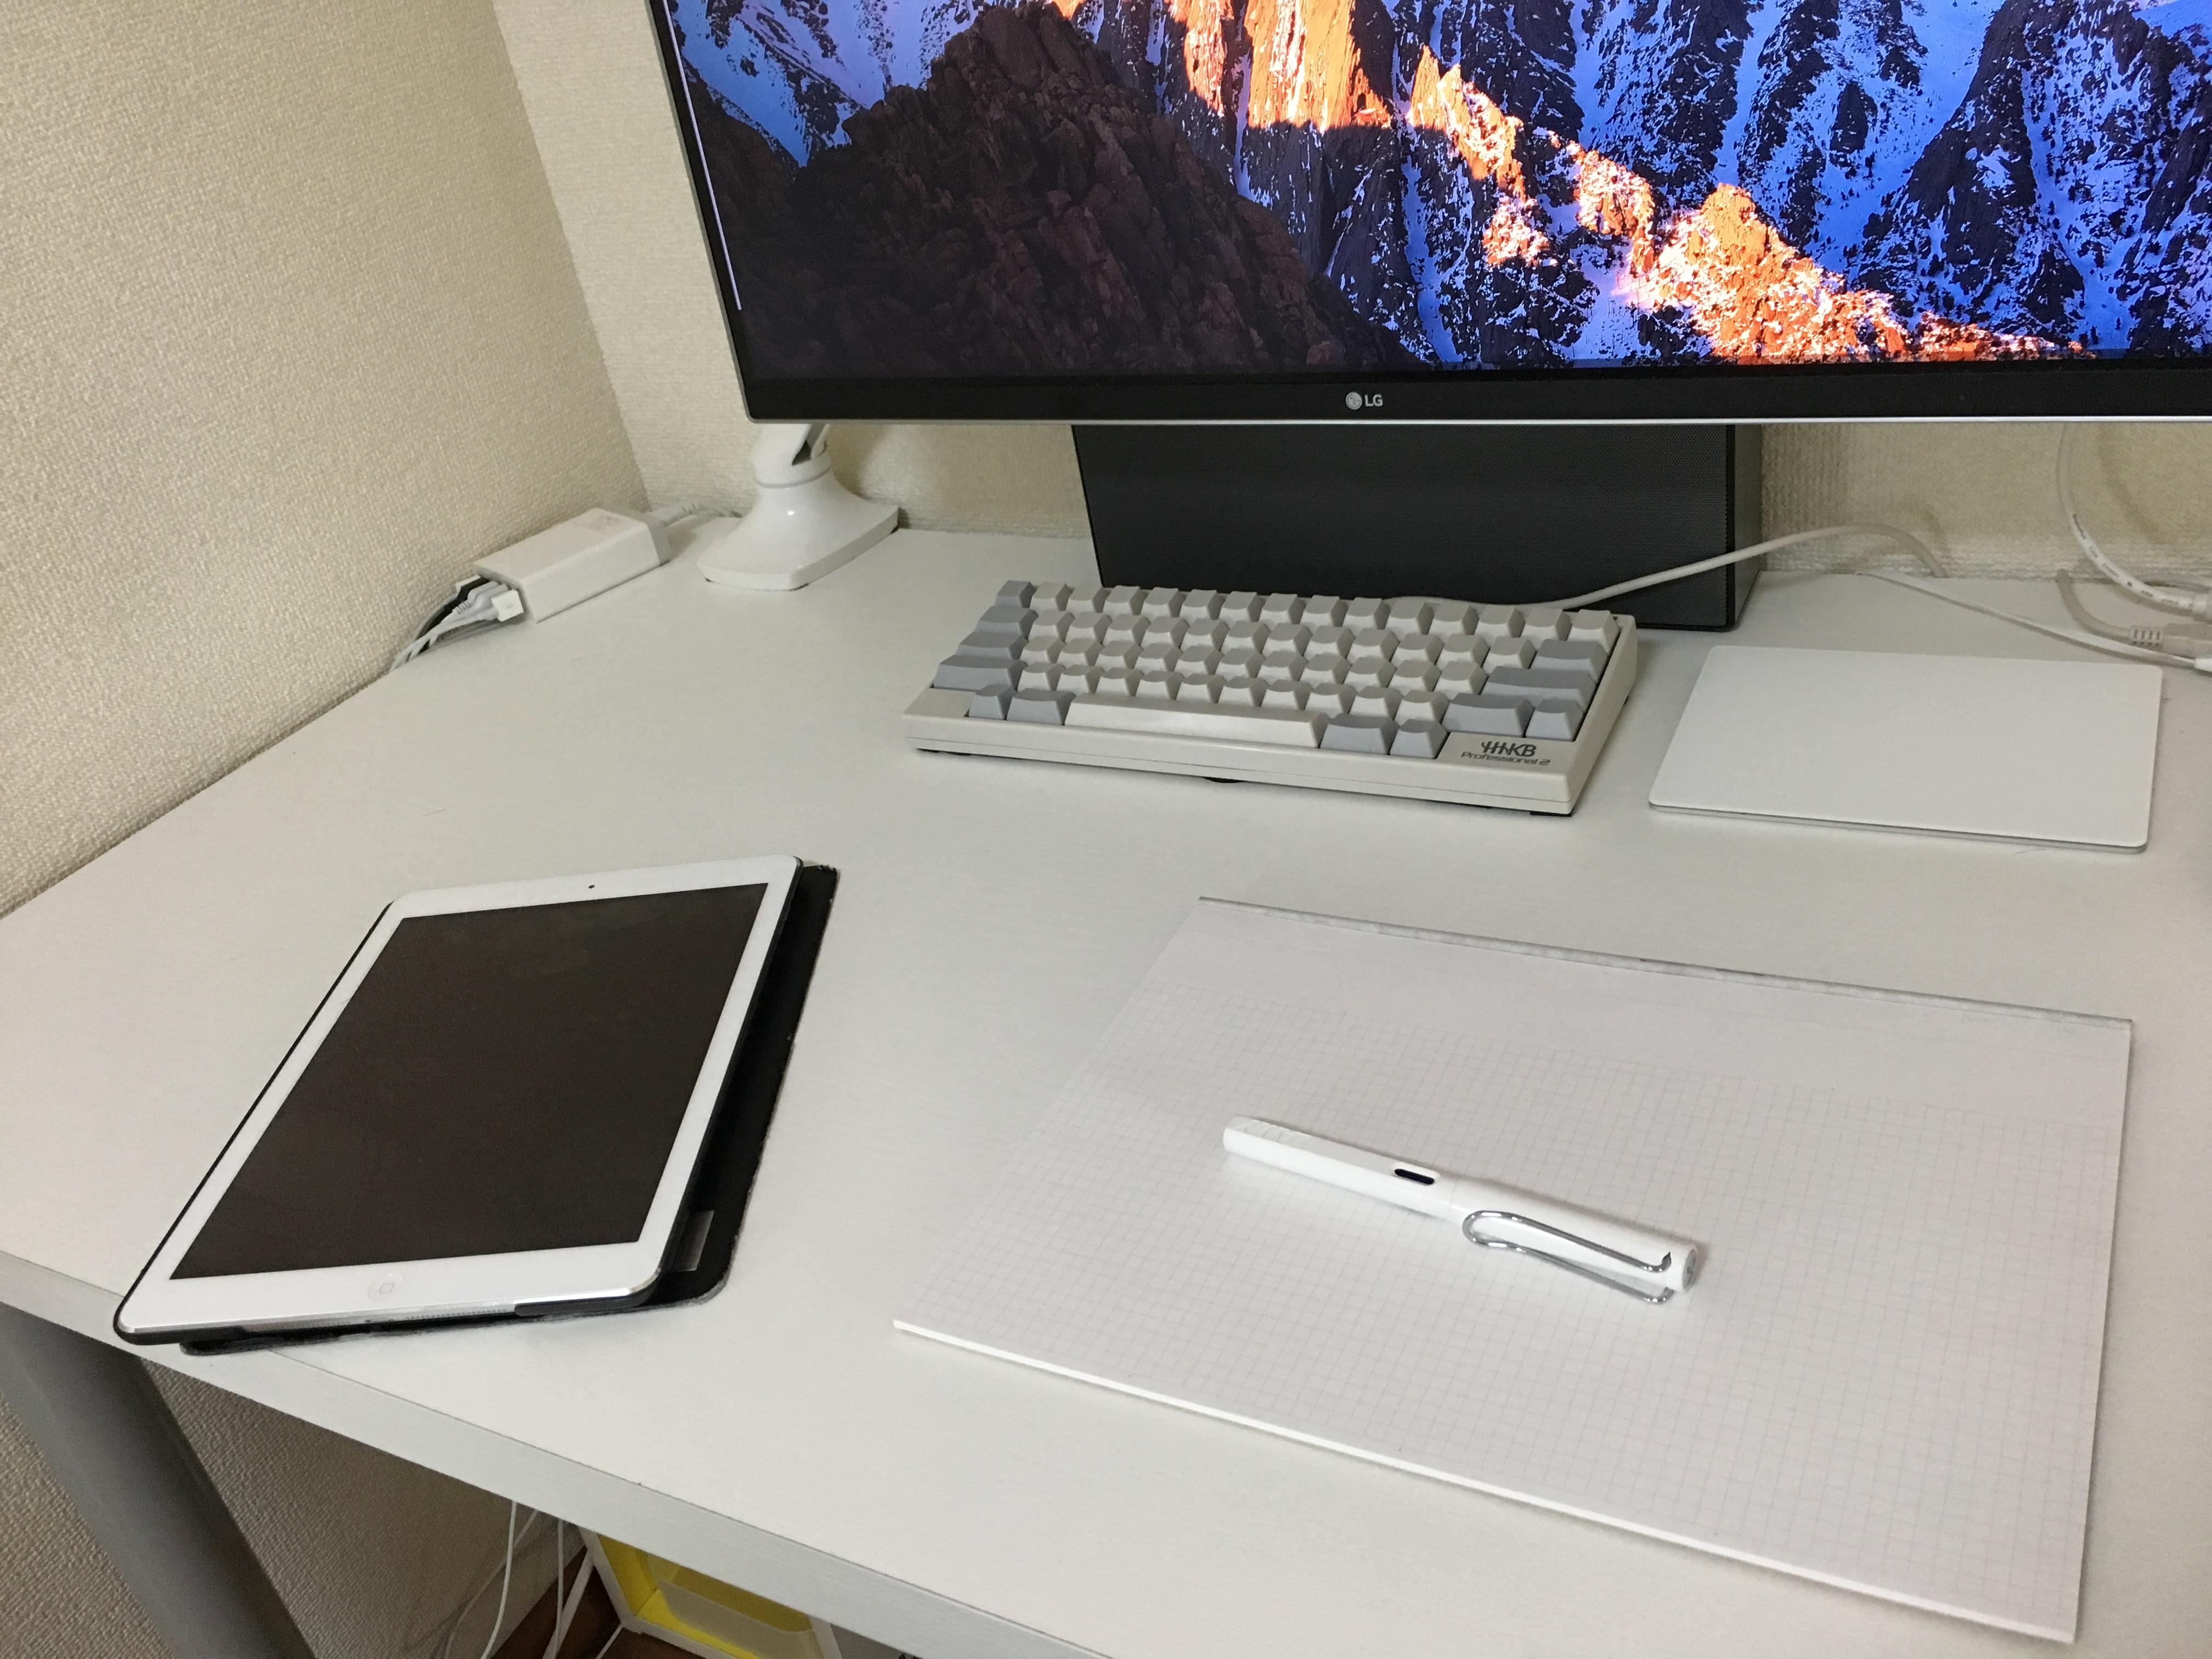 タブレットとメモ帳を置いた所、机の奥行きは59cm